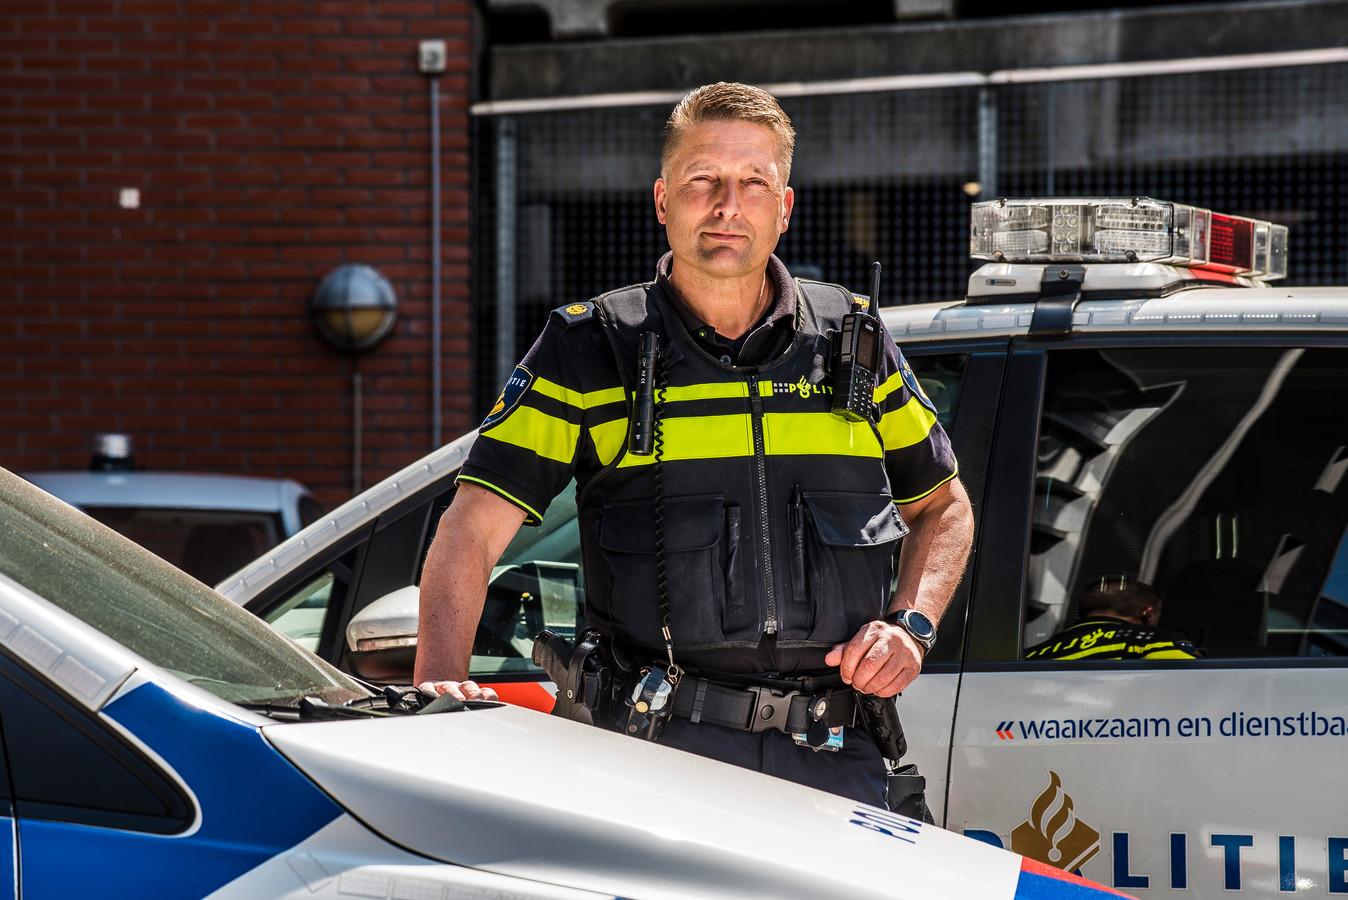 Politieagent Gerrit-Jan Greven uit Enschede heeft op Sint Maarten schooluniformen uitgedeeld.